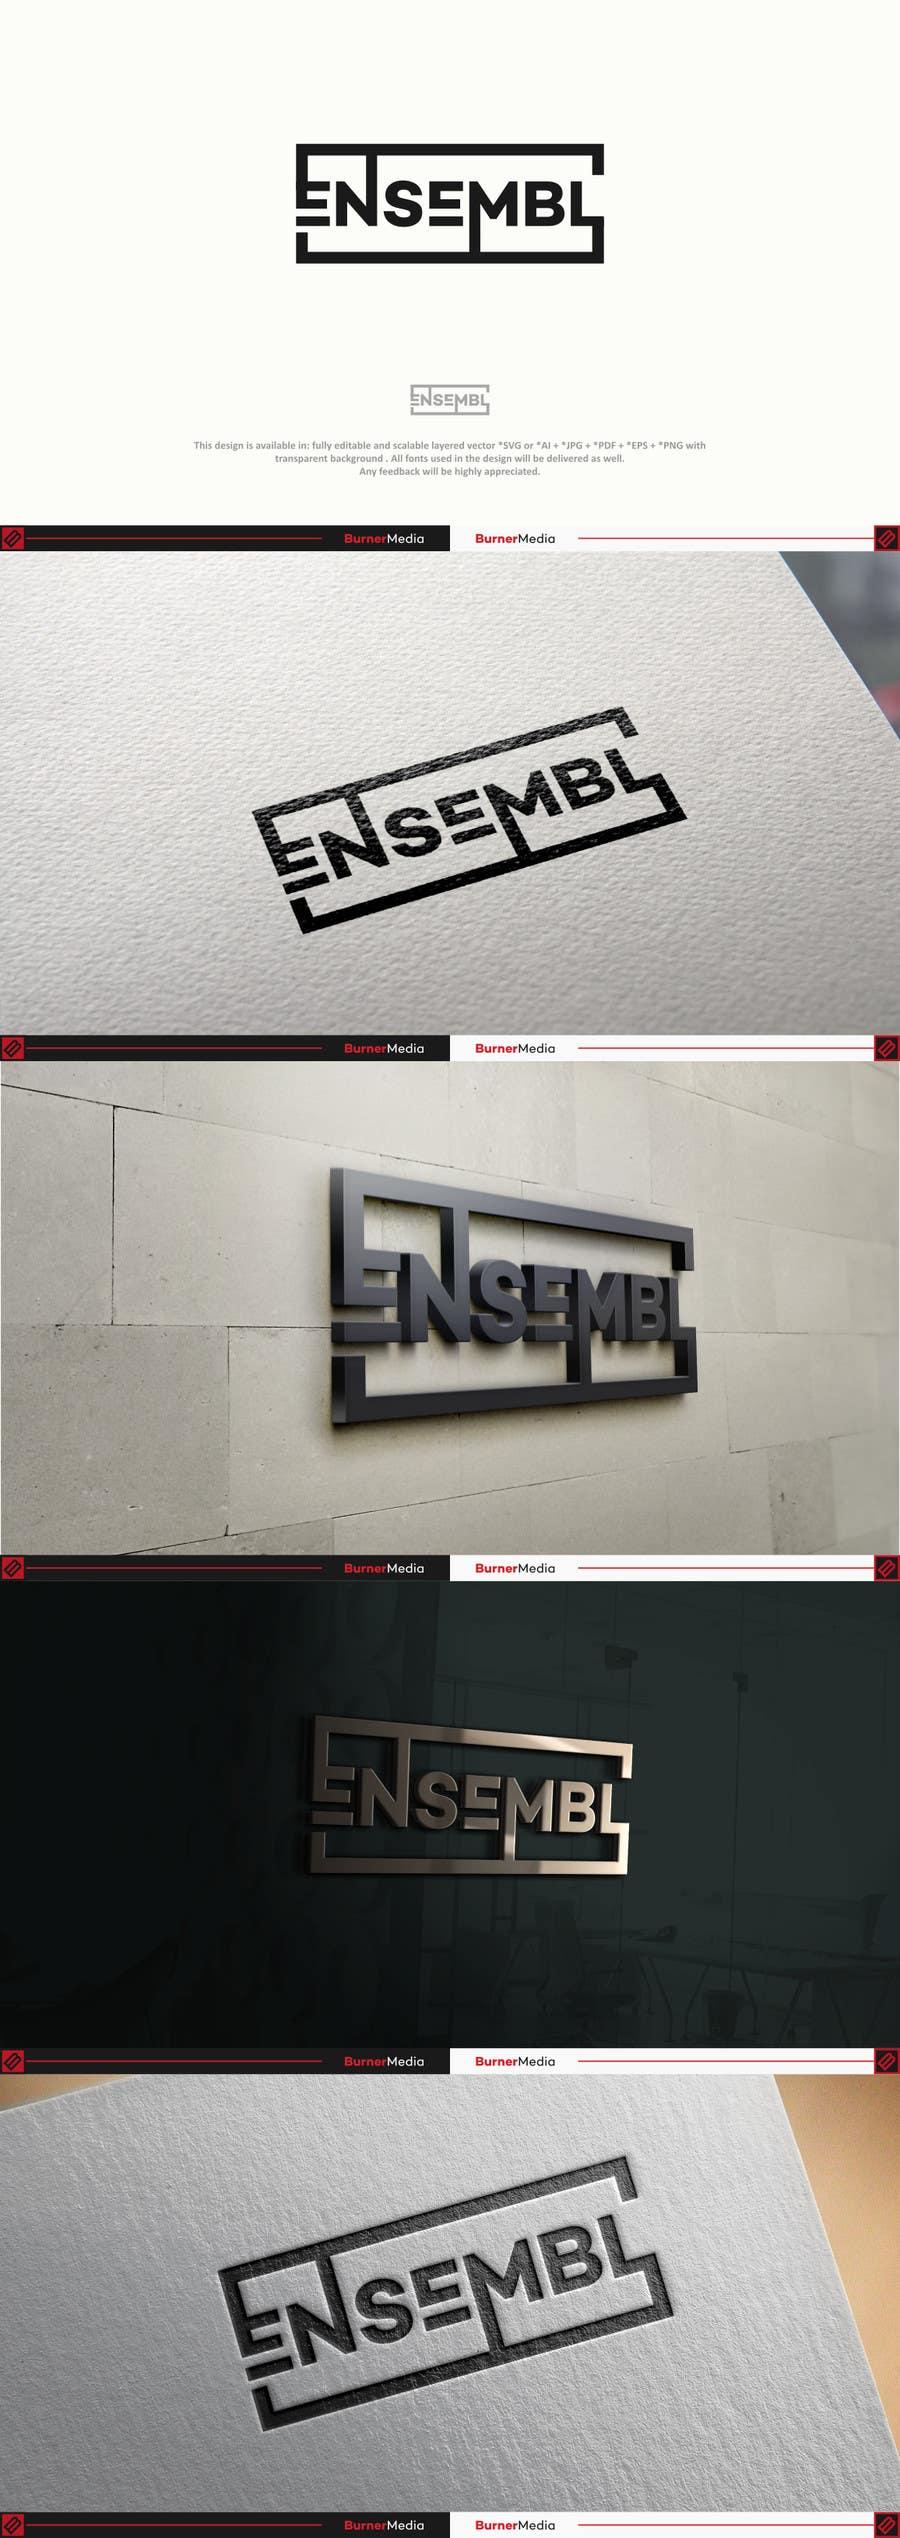 Contest Entry #144 for Design a logo